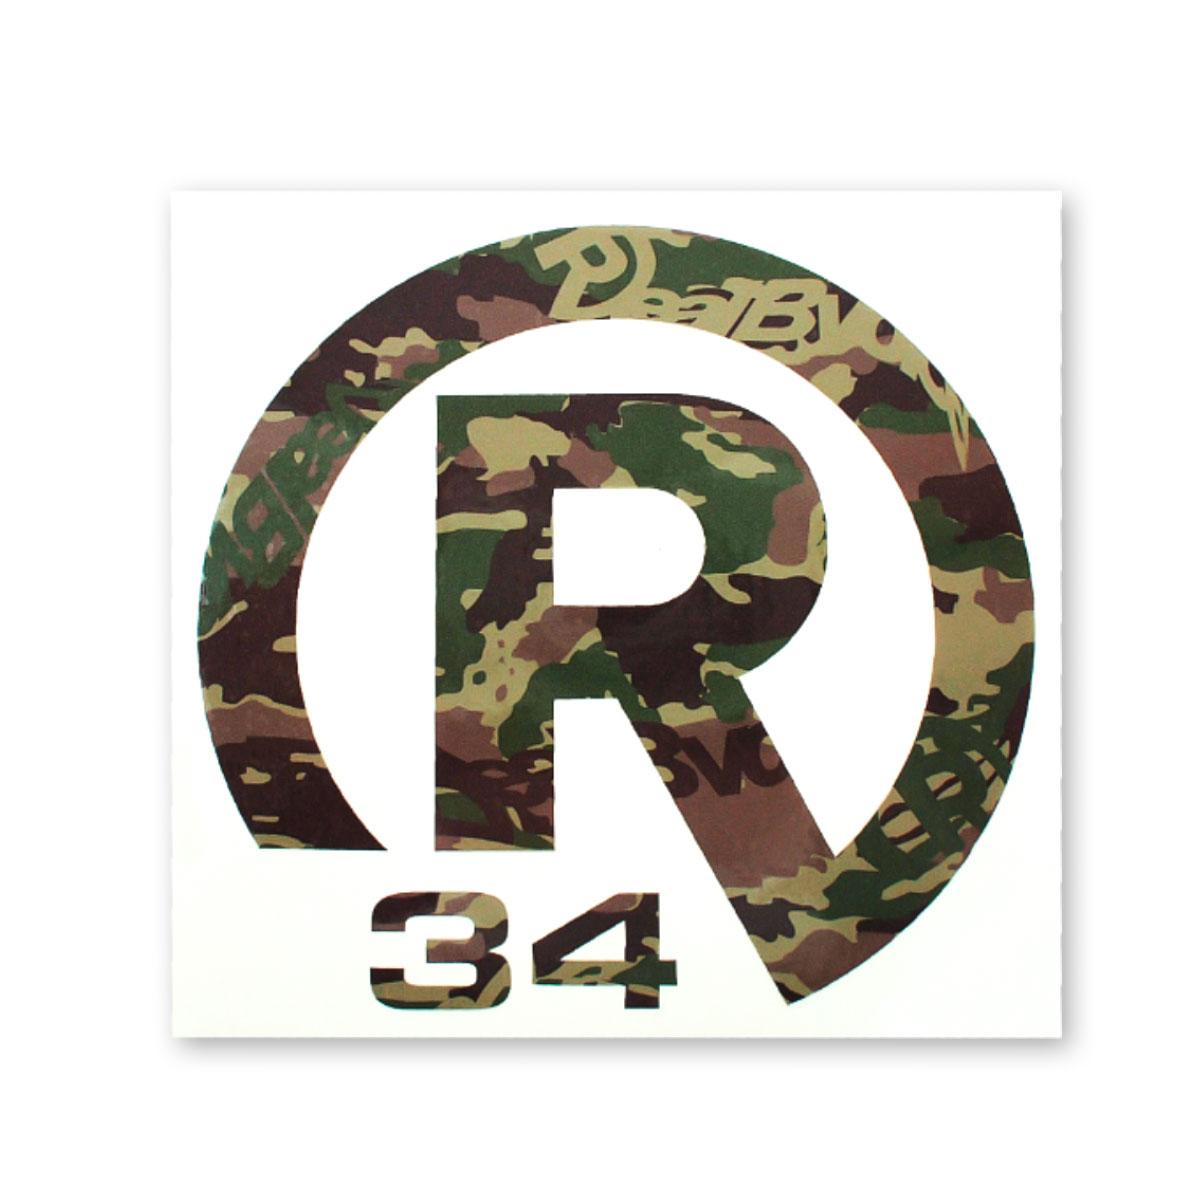 STICKER R34 CAMO  BIGサイズ